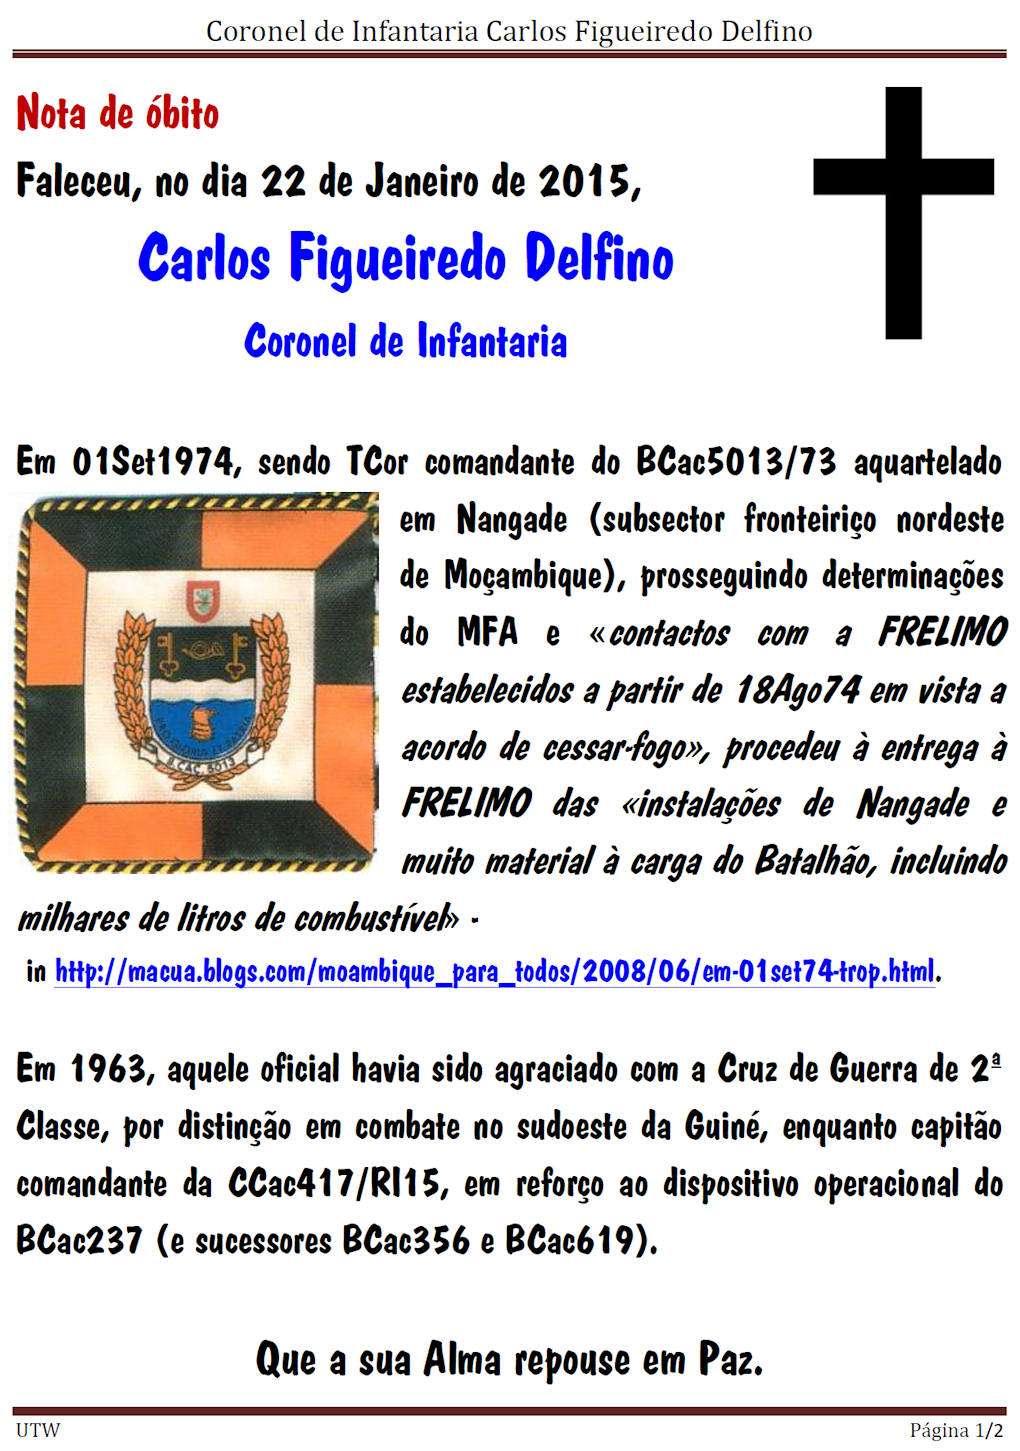 Faleceu o Coronel de Inf.ª Carlos Figueiredo Delfino, BCac5013/73/RMM e CCac417/CTIG - 22Jan2015 Corinf10